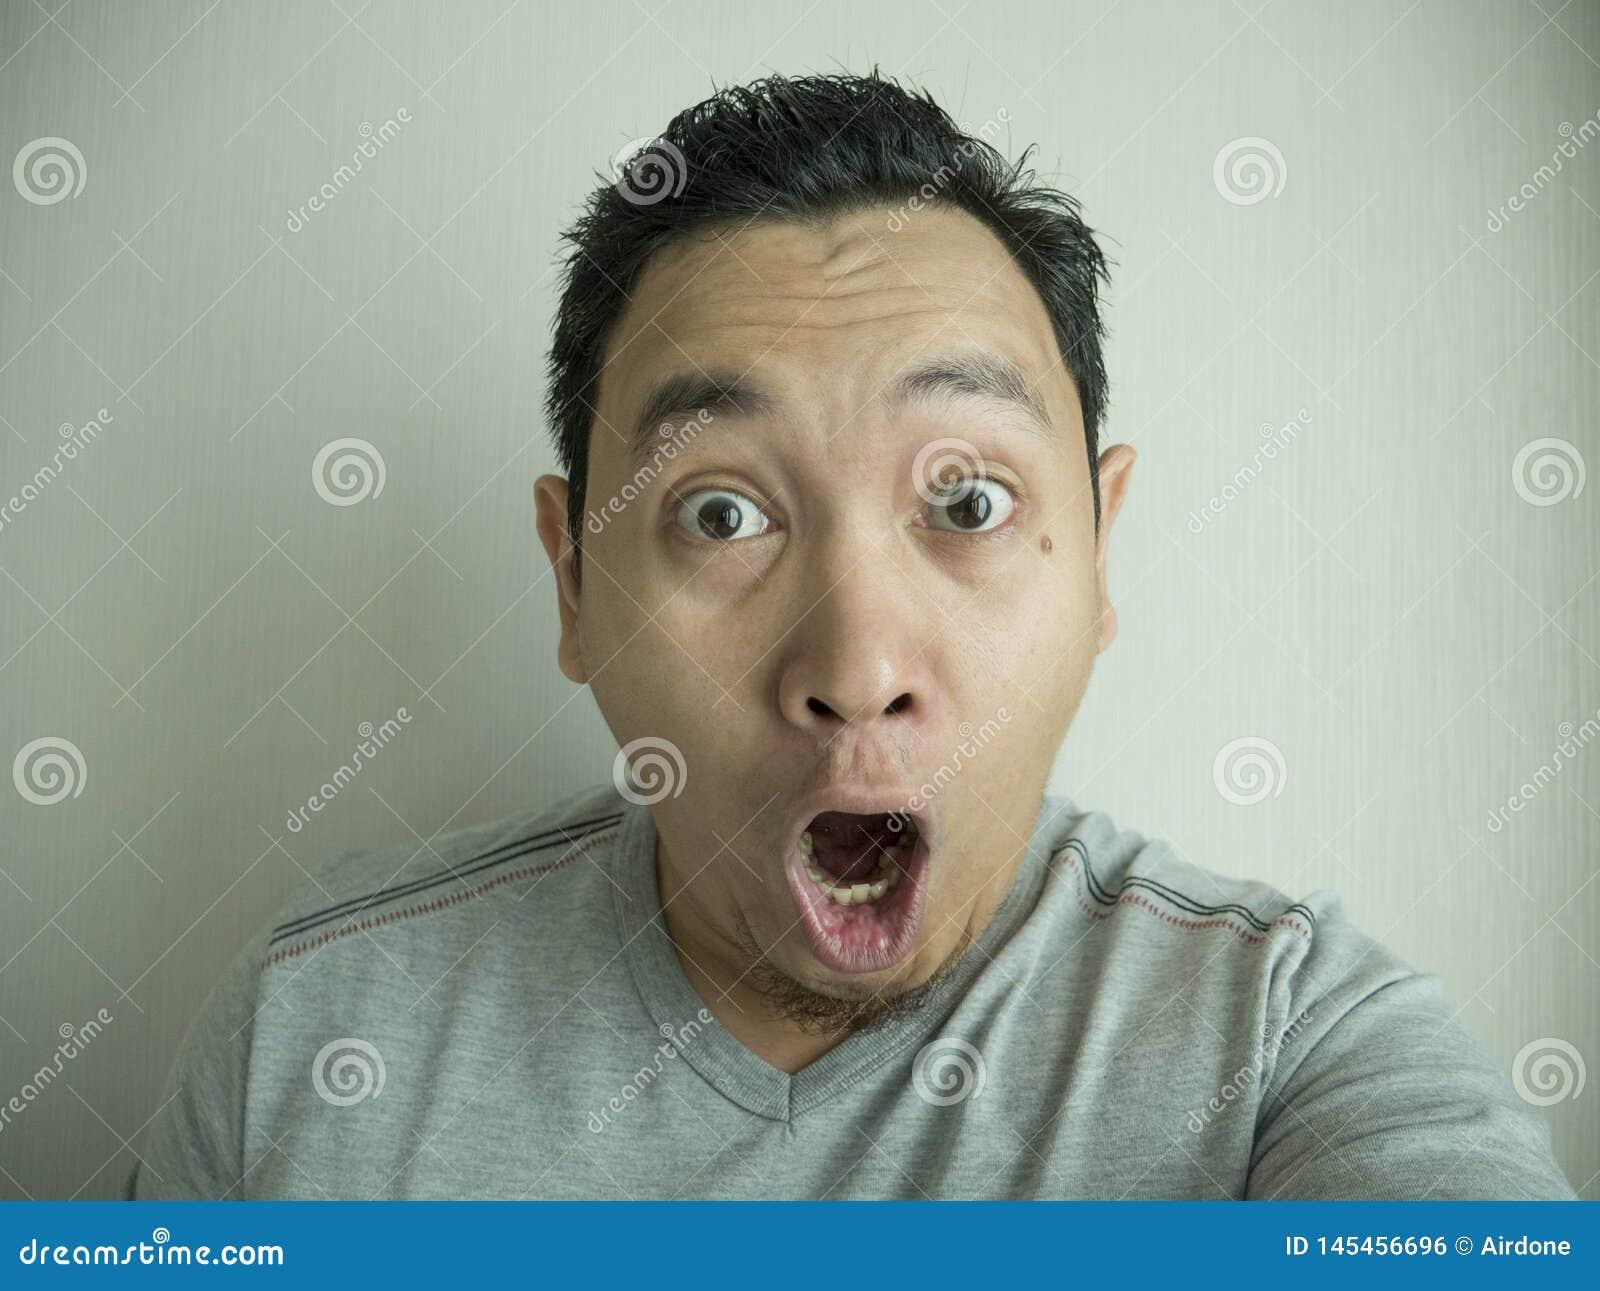 Happy Funny Asian Man Laughing at Camera